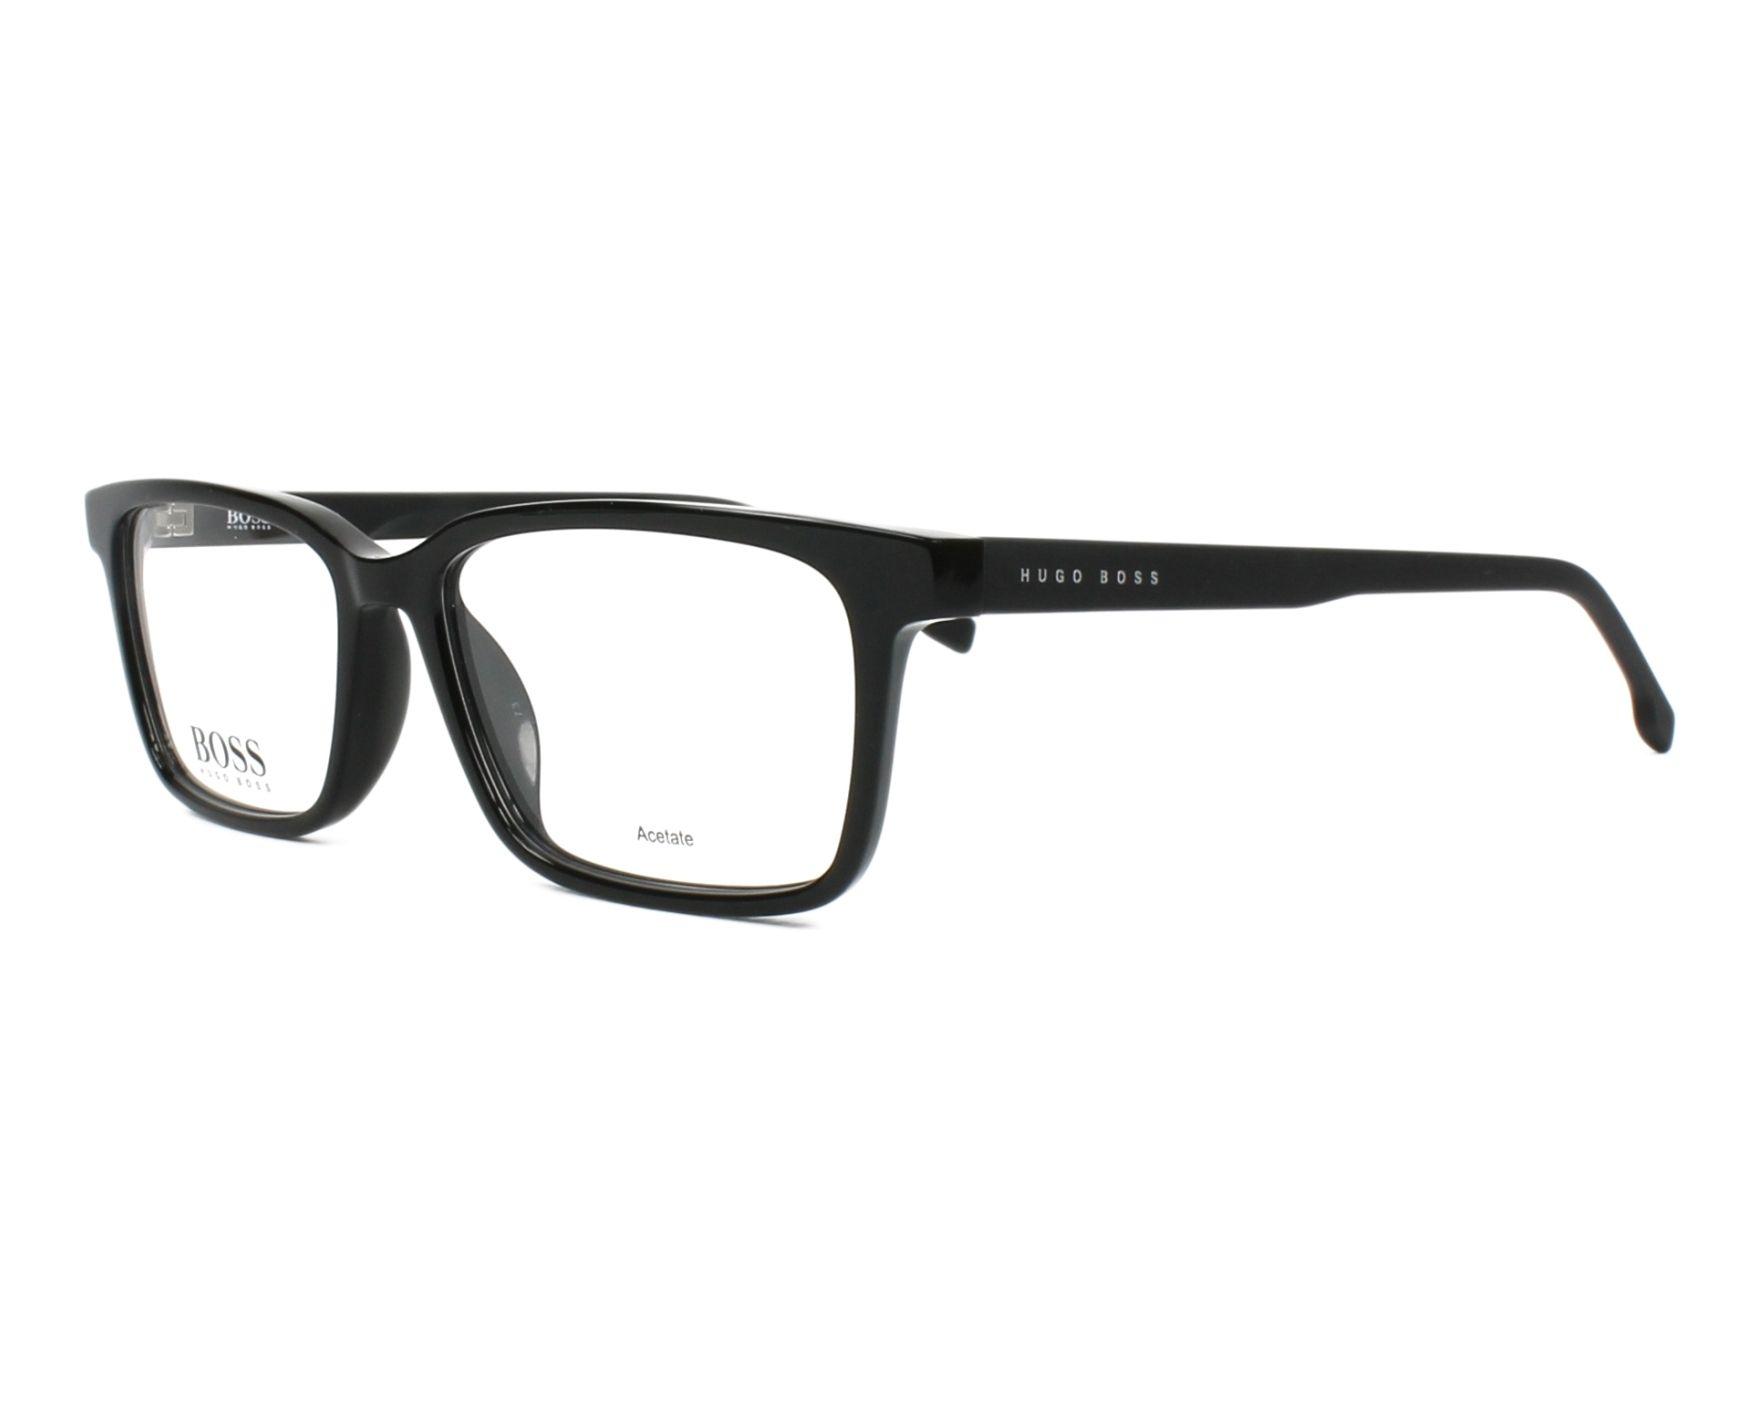 Matt Black Acetate Black BOSS-0924 807 Hugo Boss frame